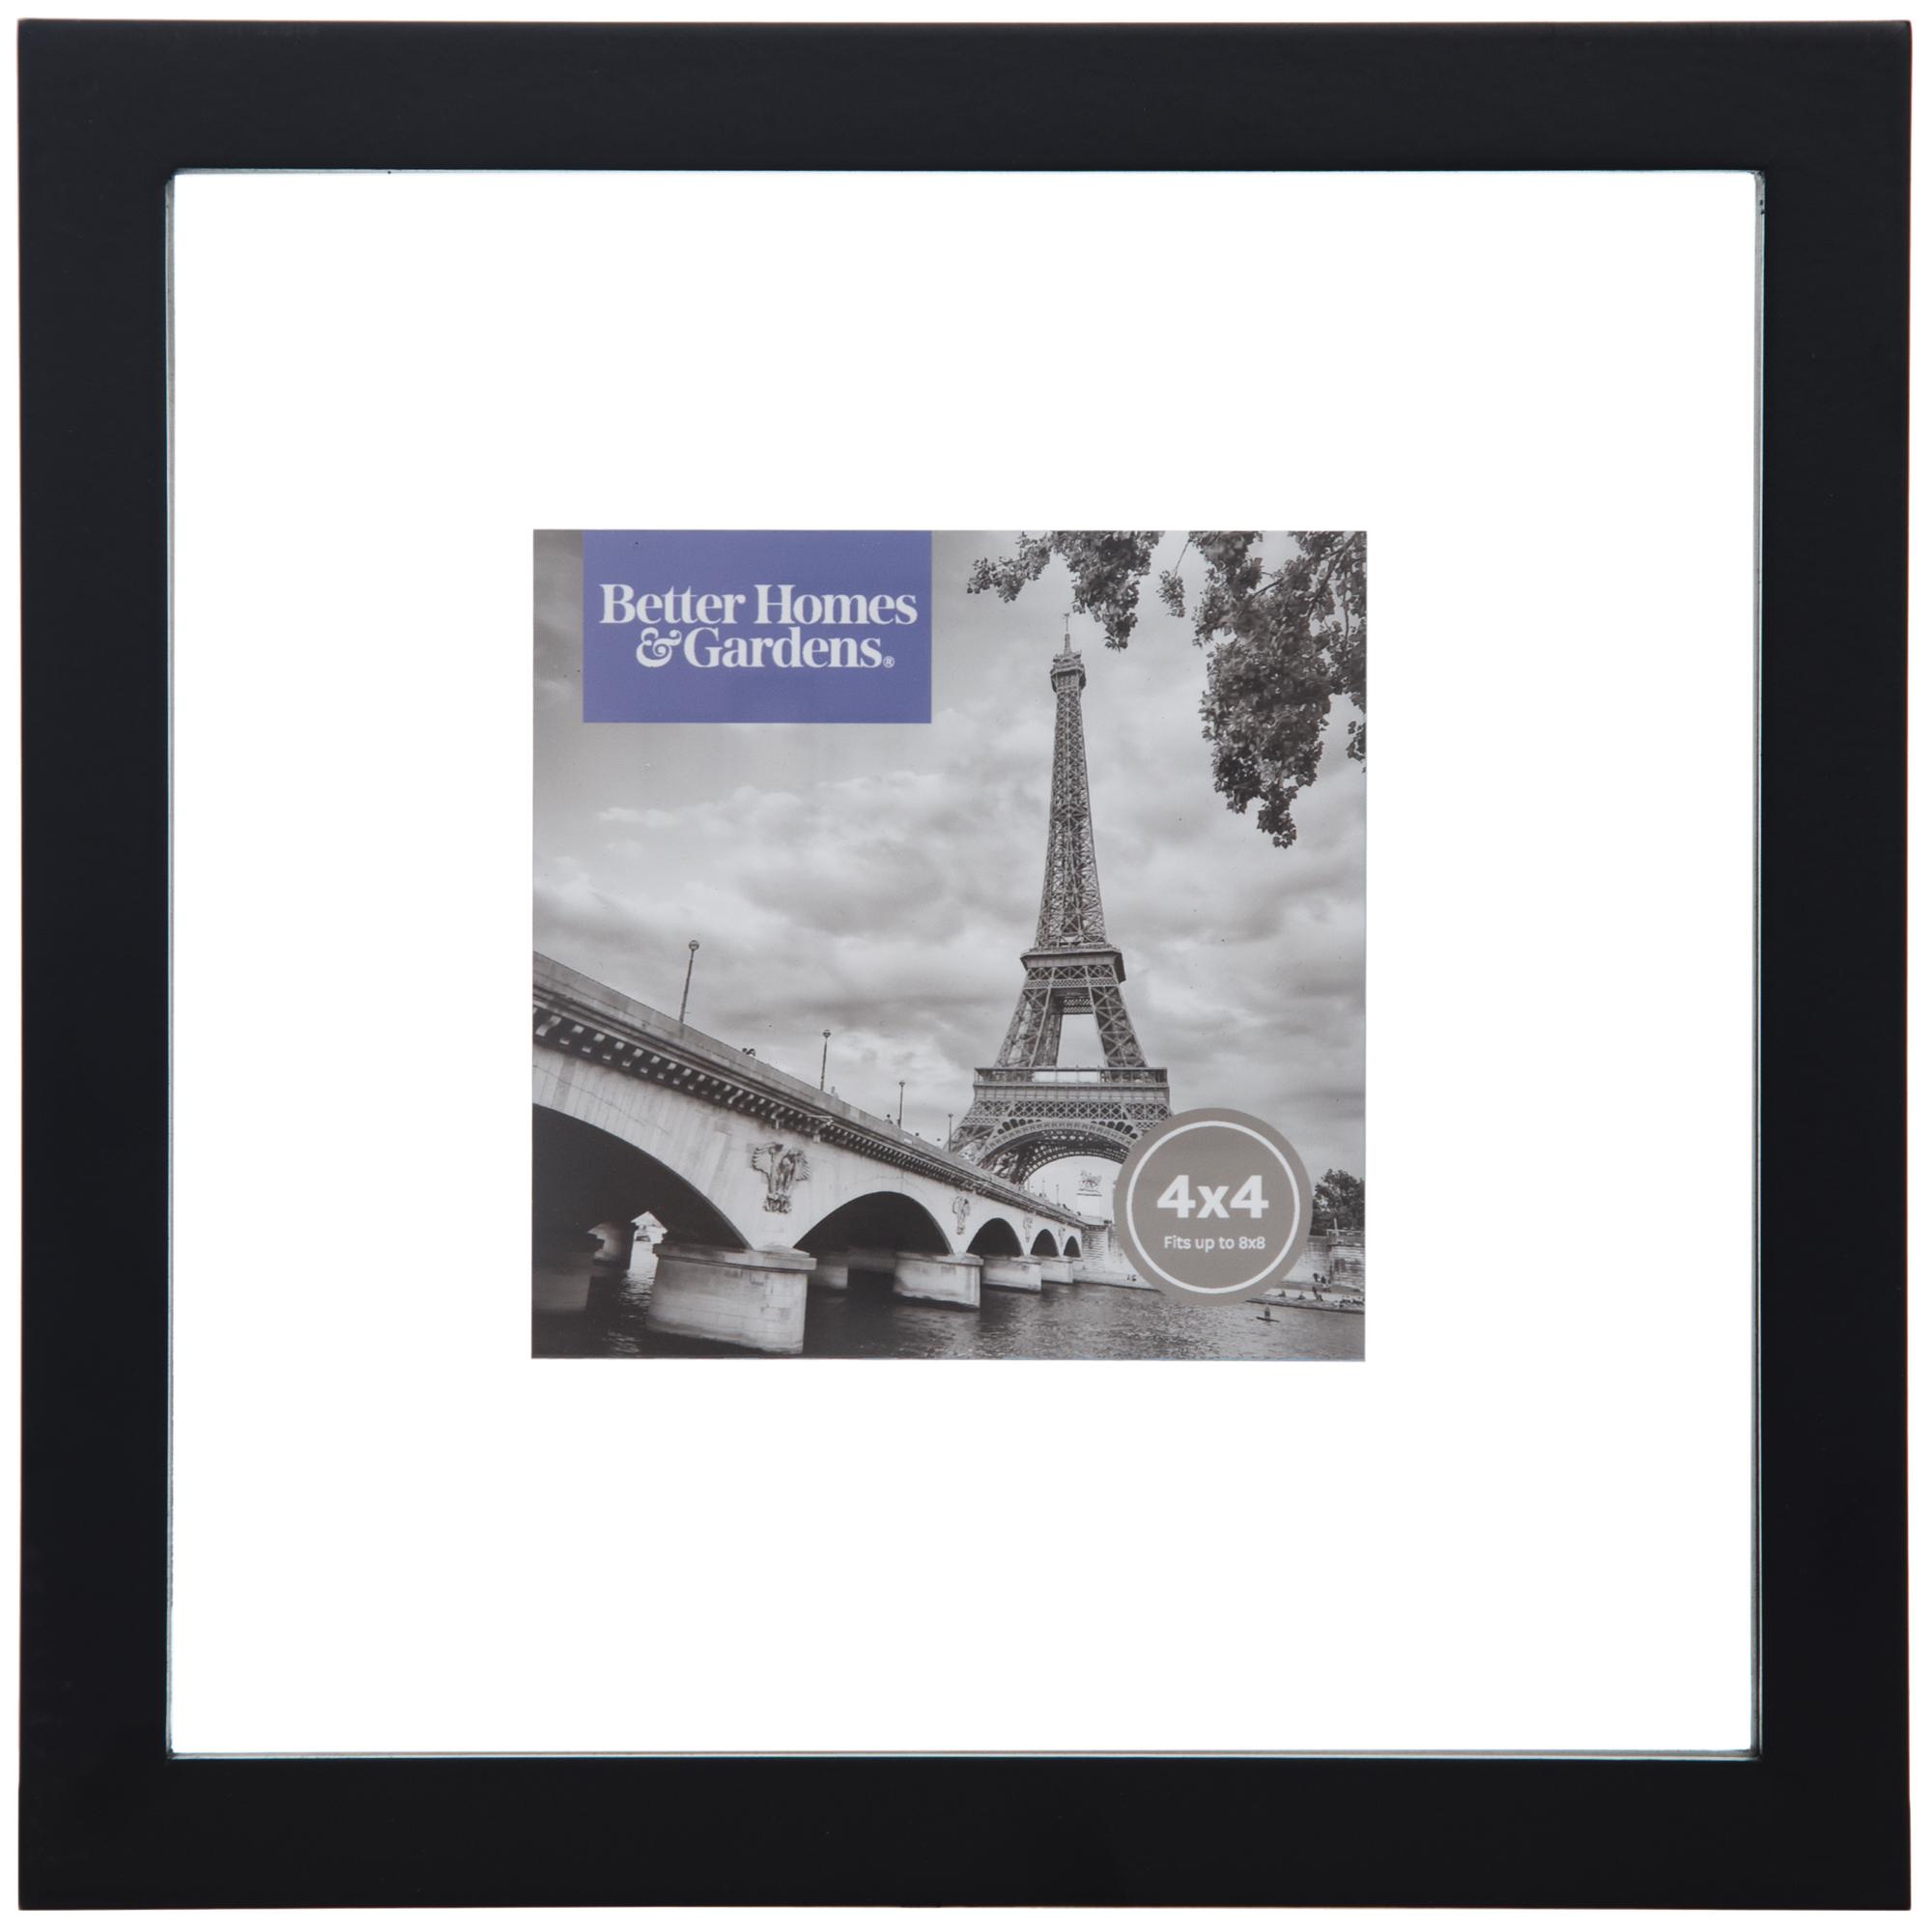 Better Homes & Gardens 8x8 Black Gallery Float Frame